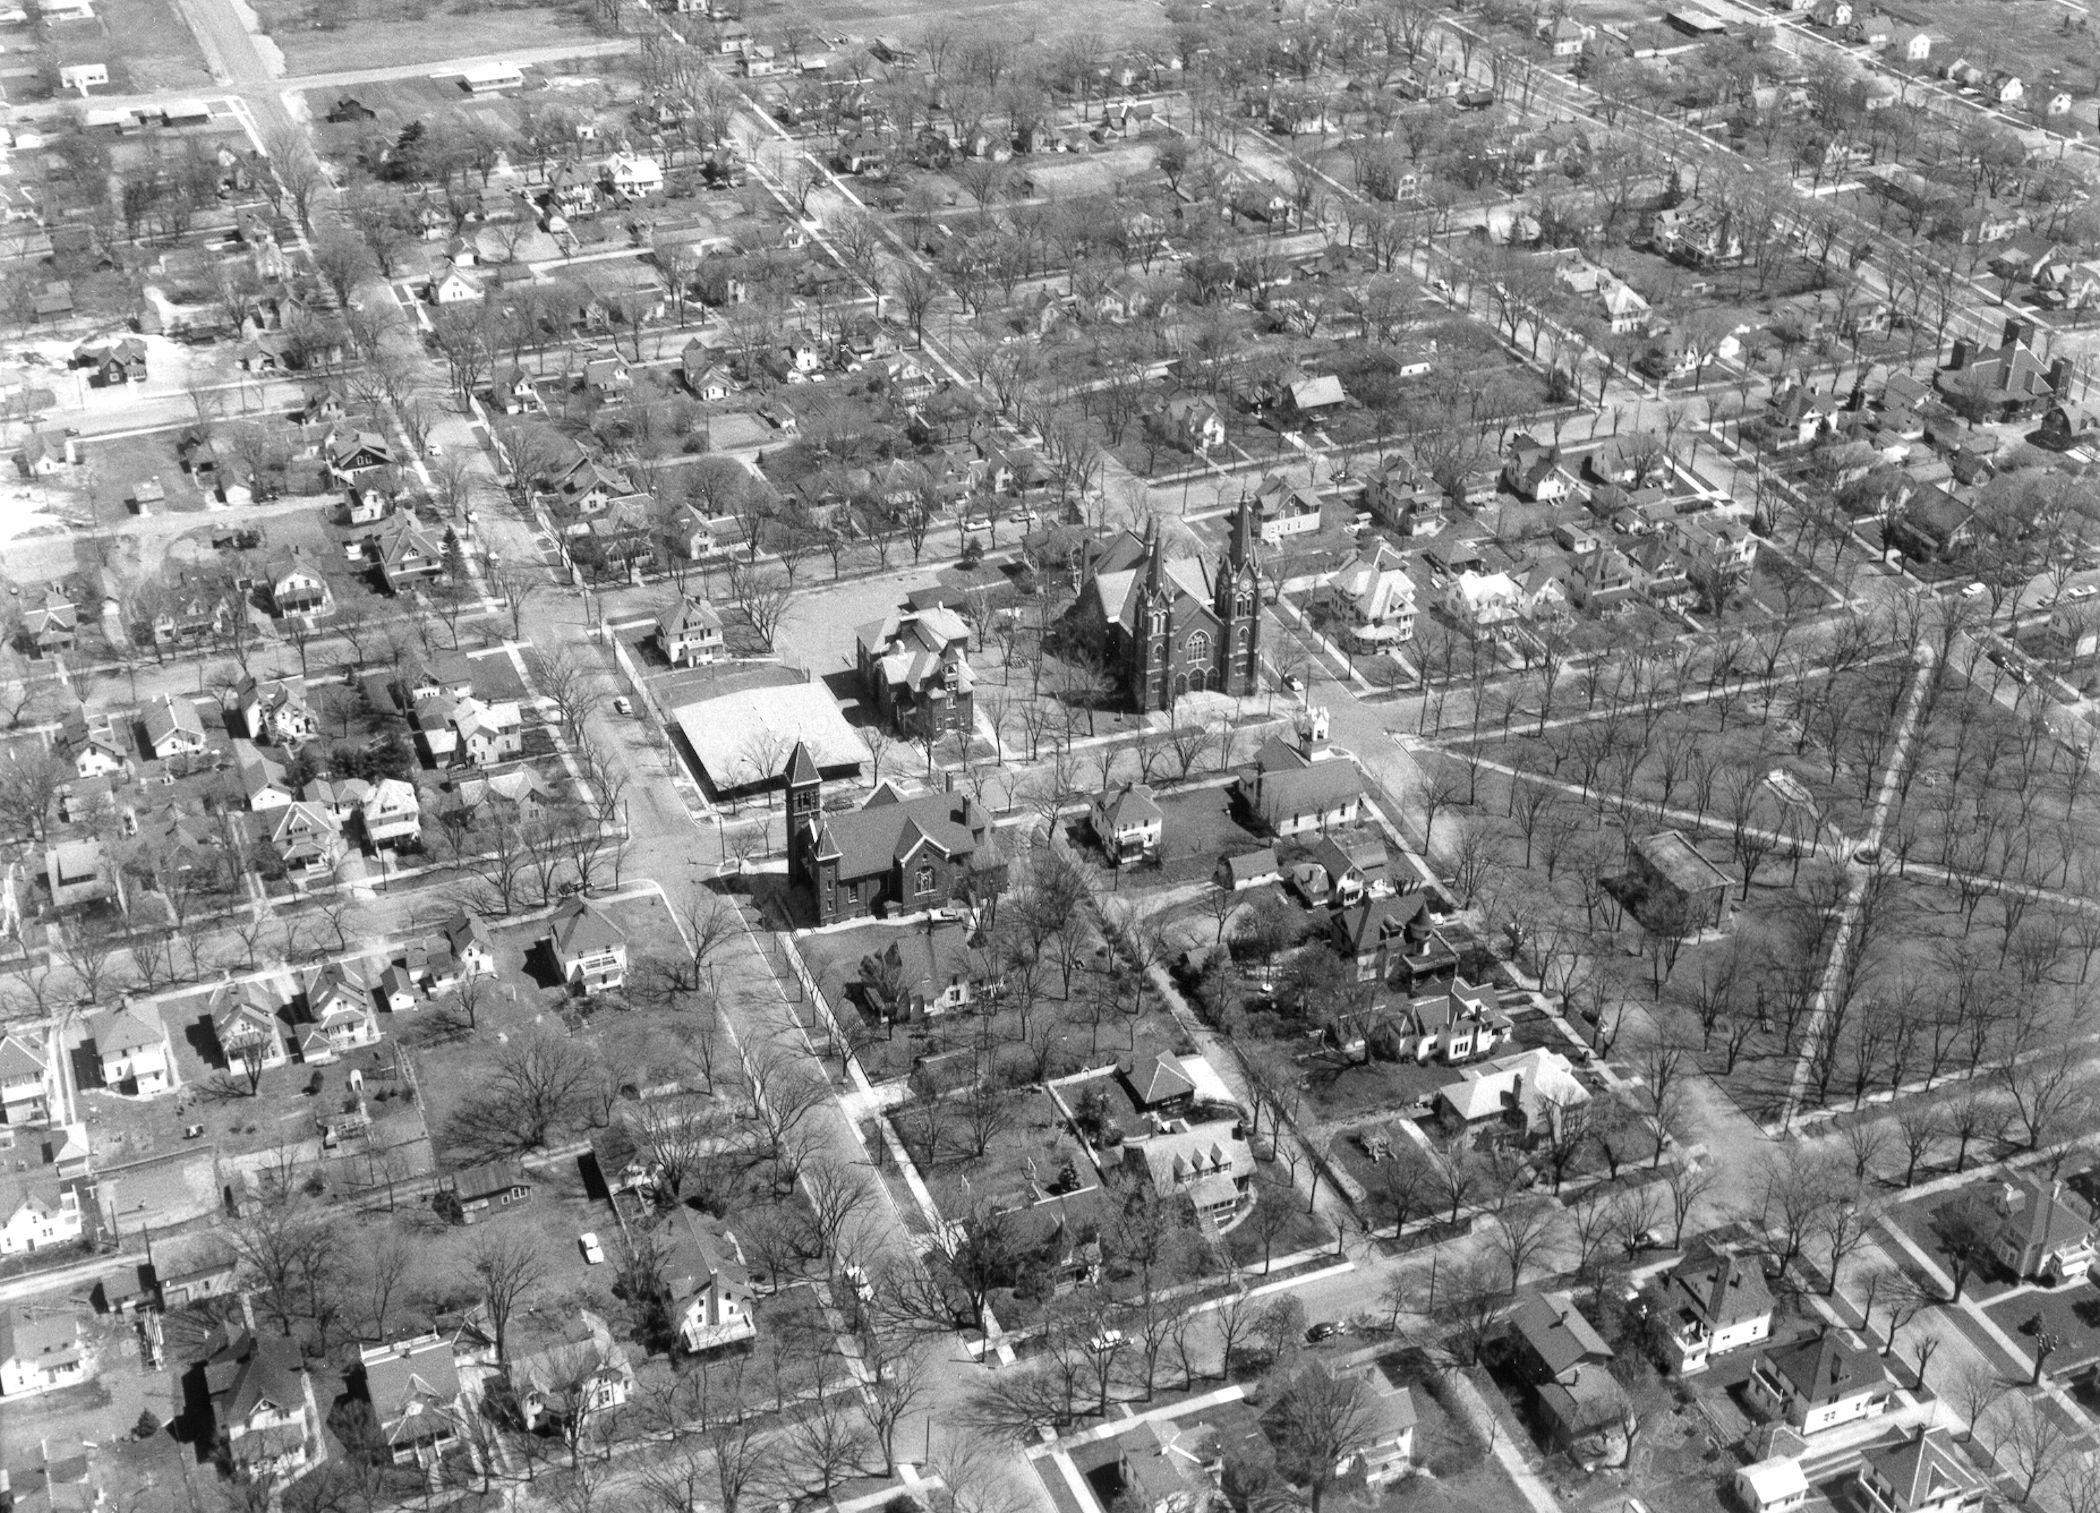 1958 St. Peter's Lutheran Church, center